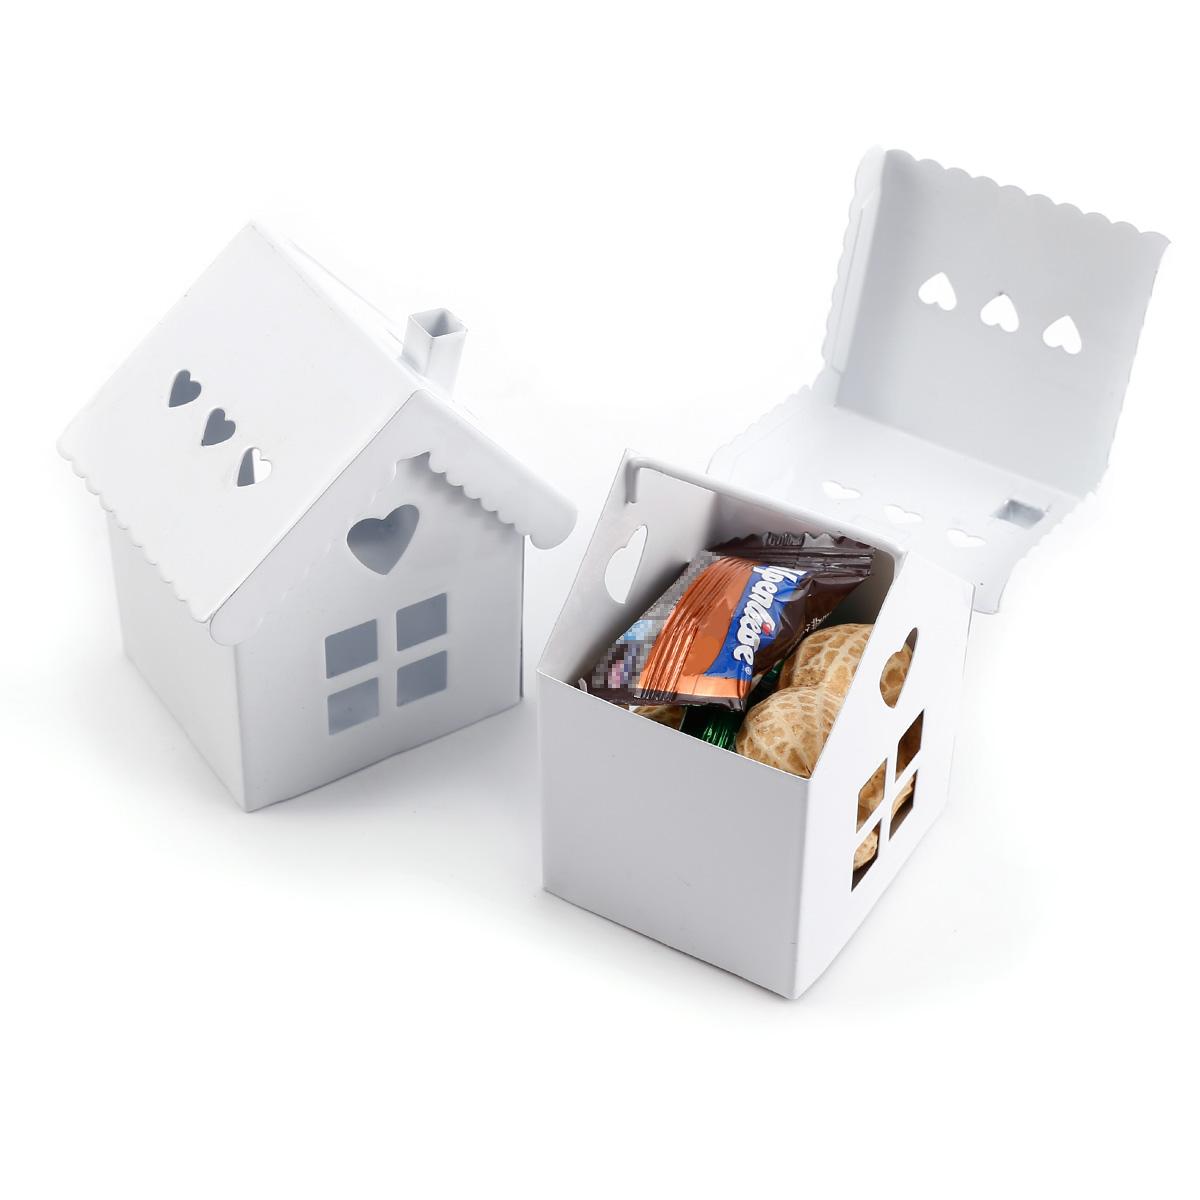 6 stk mini weiss haus bunt gastgeschenk hochzeit s igkeiten tischdeko basteln ebay. Black Bedroom Furniture Sets. Home Design Ideas